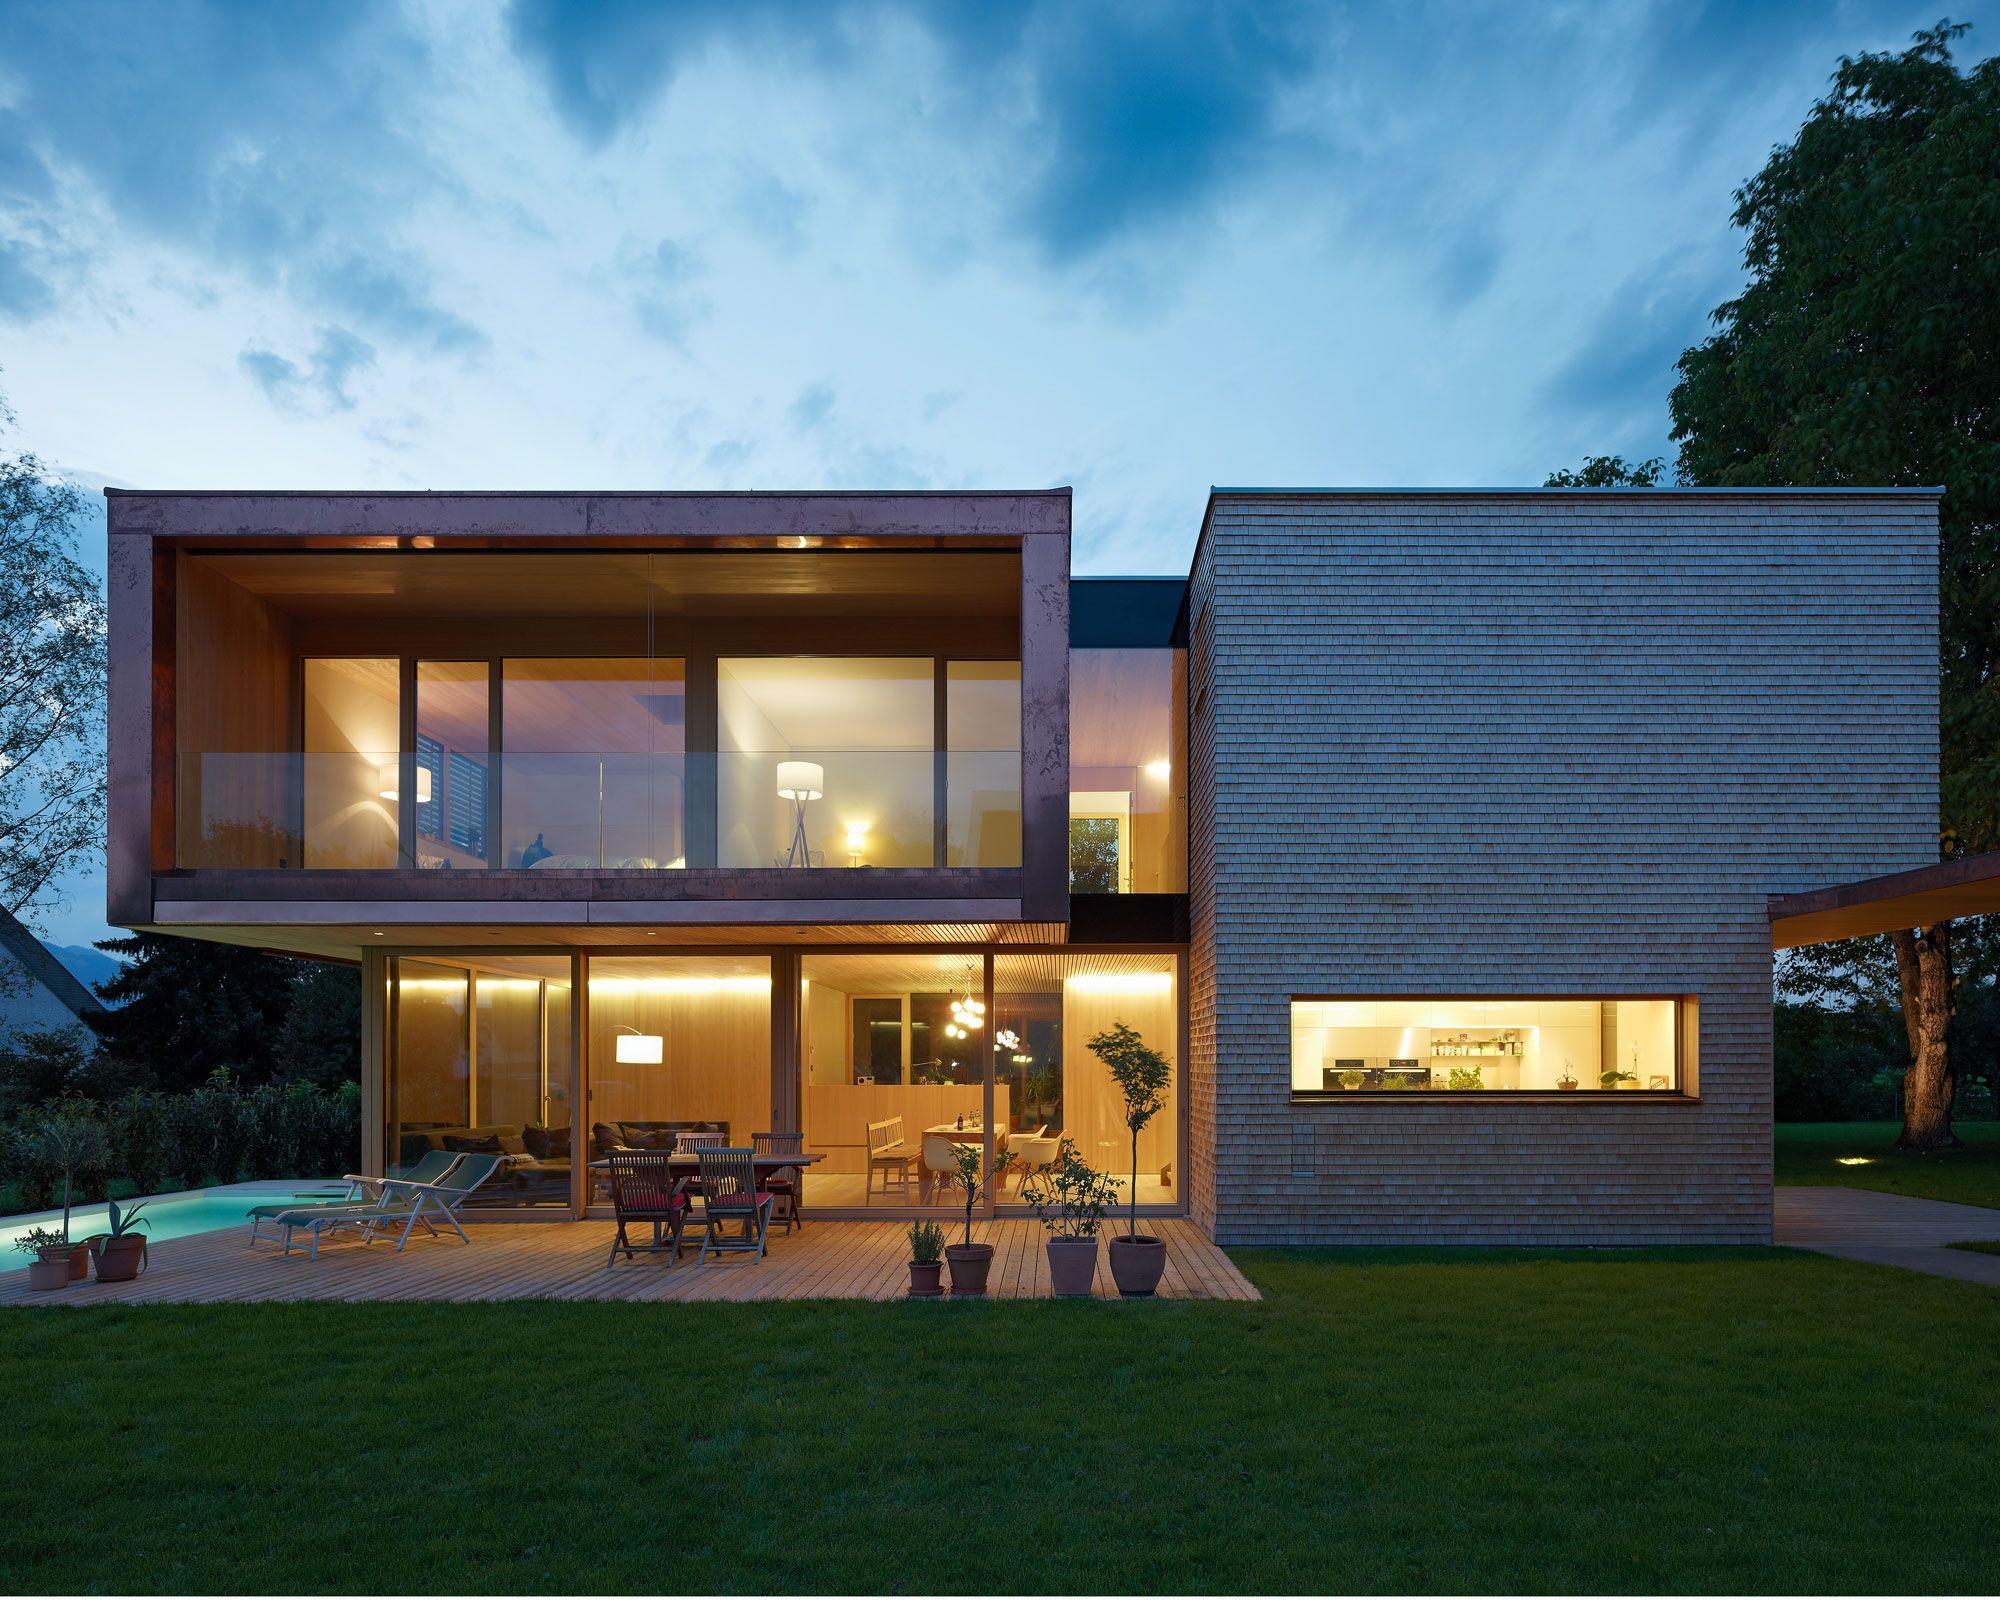 Haus architektur einfamilienhaus holzbau werkstatt wohnen ideen wohn architektur moderne häuser bruno